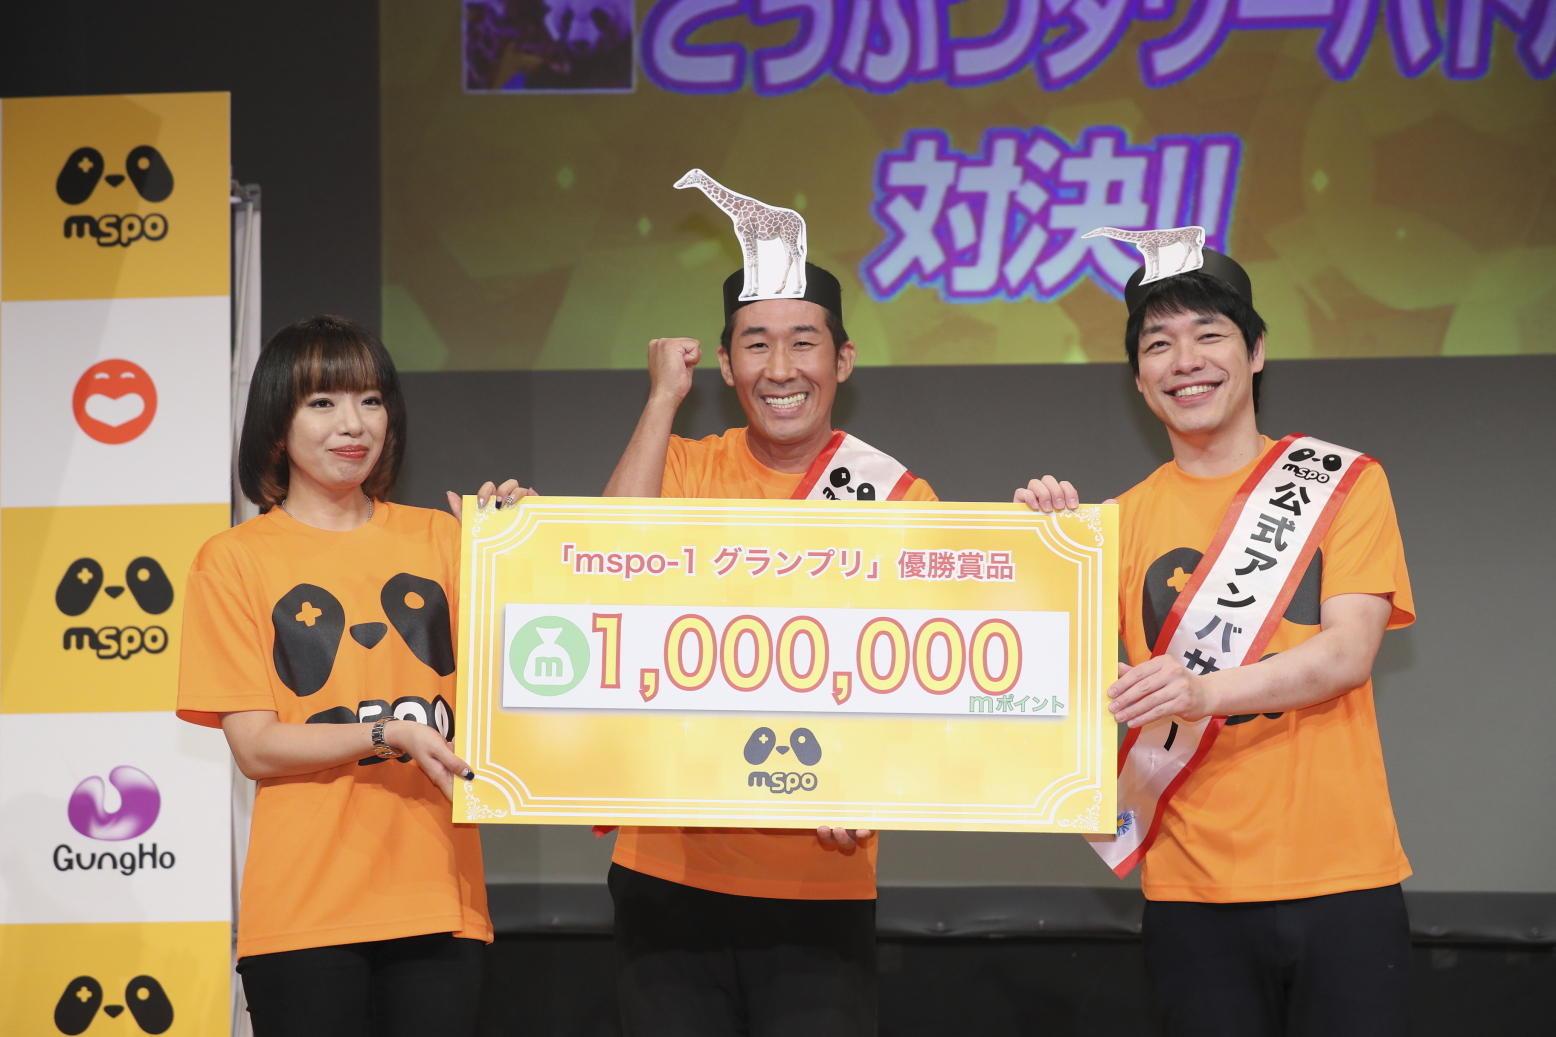 http://news.yoshimoto.co.jp/20180928163133-51f1c01827d3e13e64b72f268aada44465c6e07b.jpg